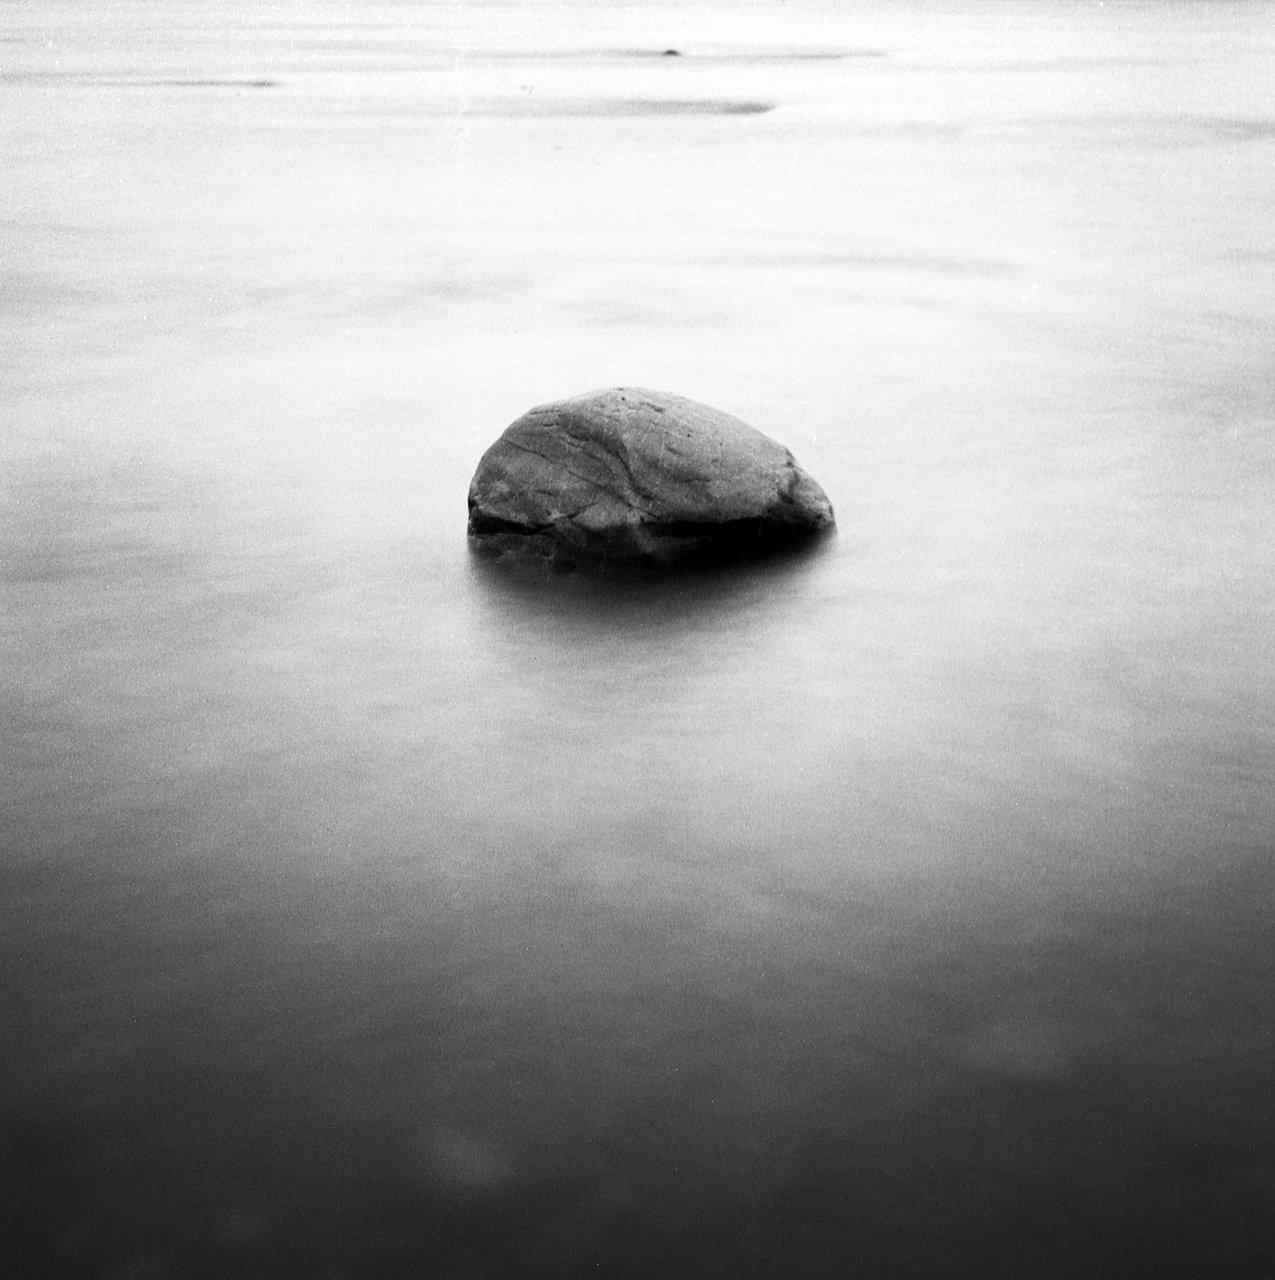 Meditation, Rishikesh